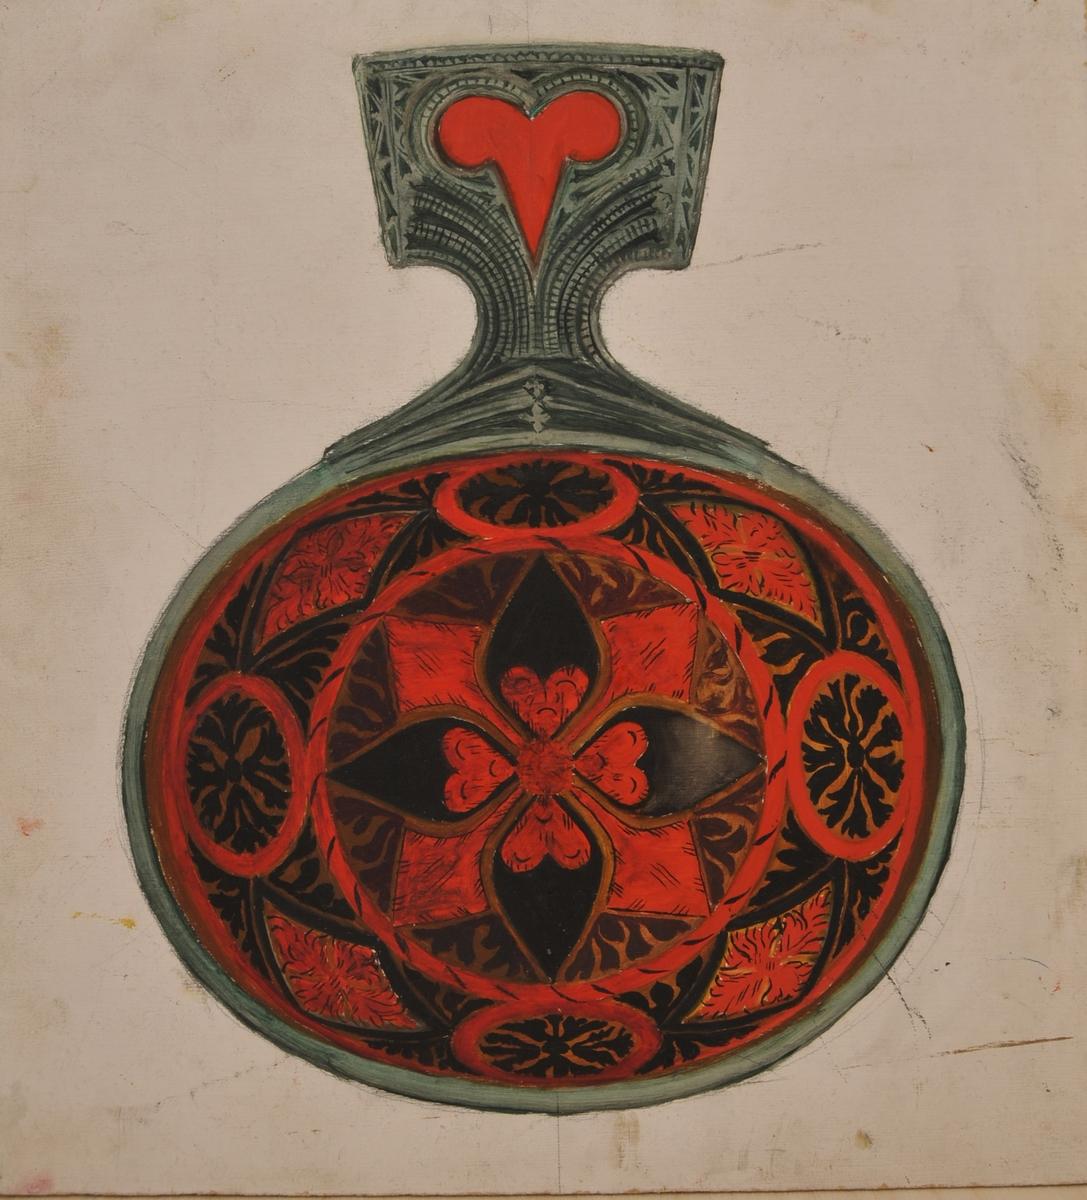 Kopi av rosemåling på ei ølause frå 1749.